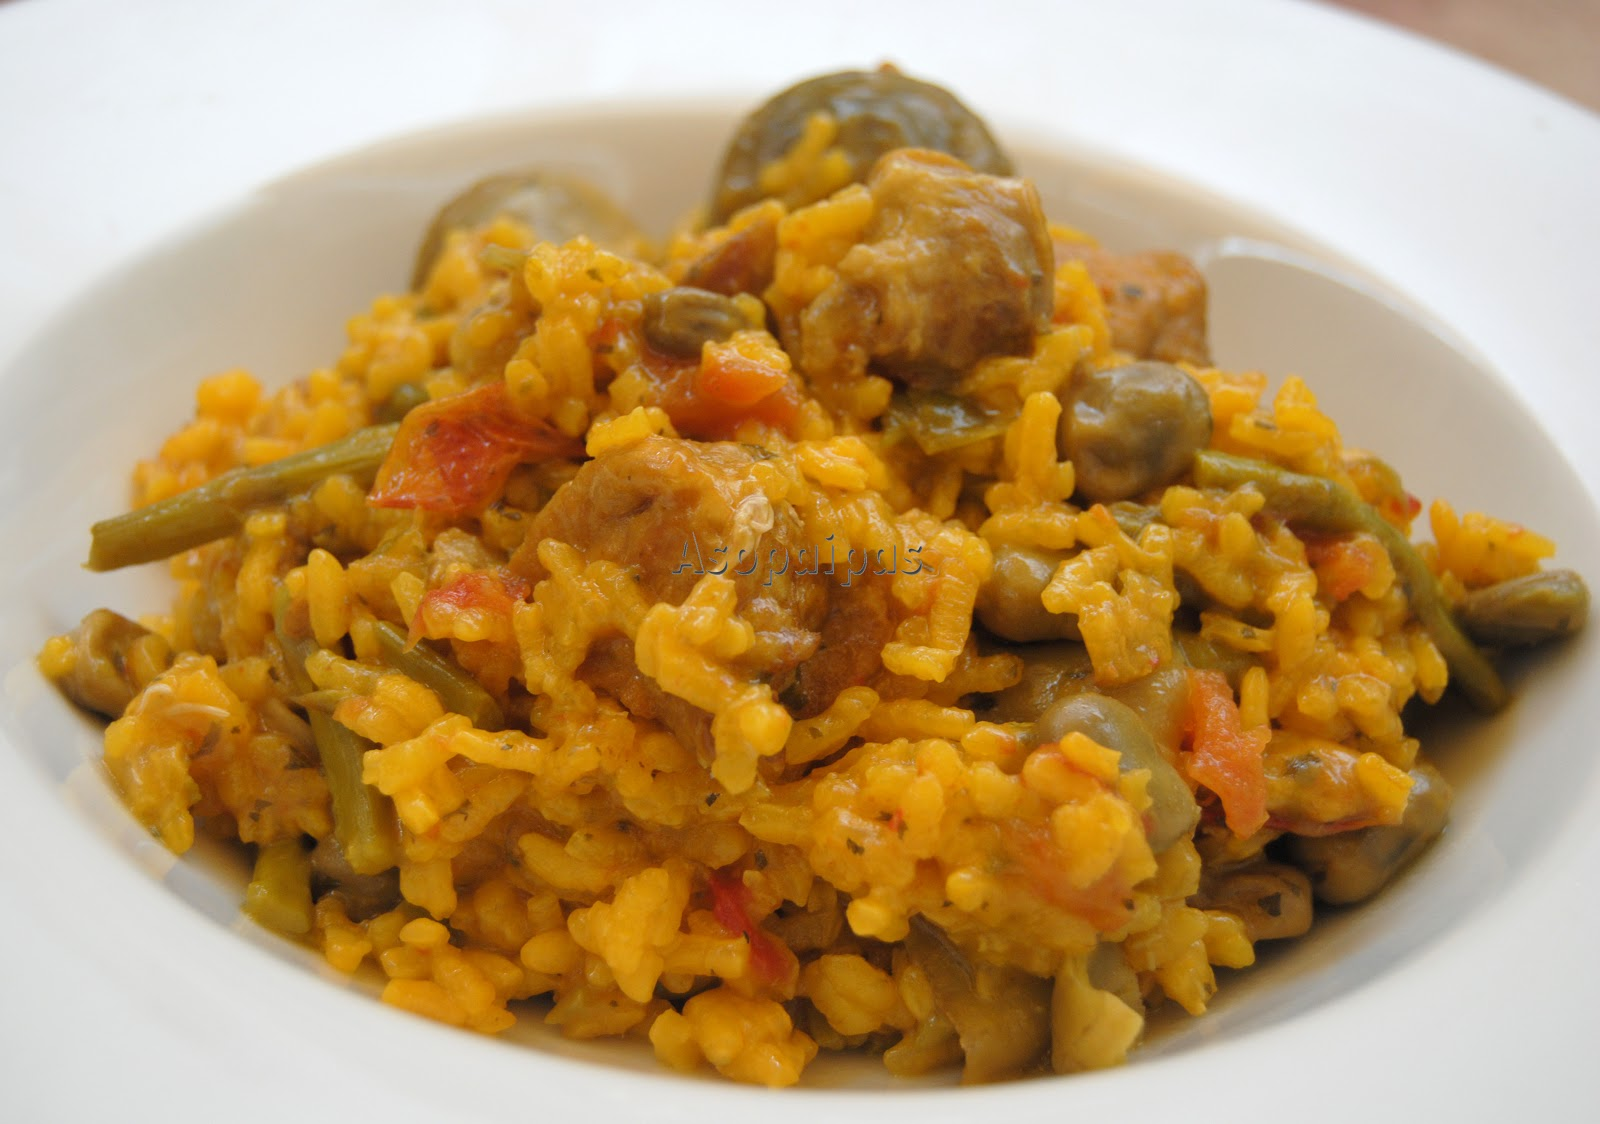 Arroz con verduras recetas de cocina - Arroz con pescado y verduras ...